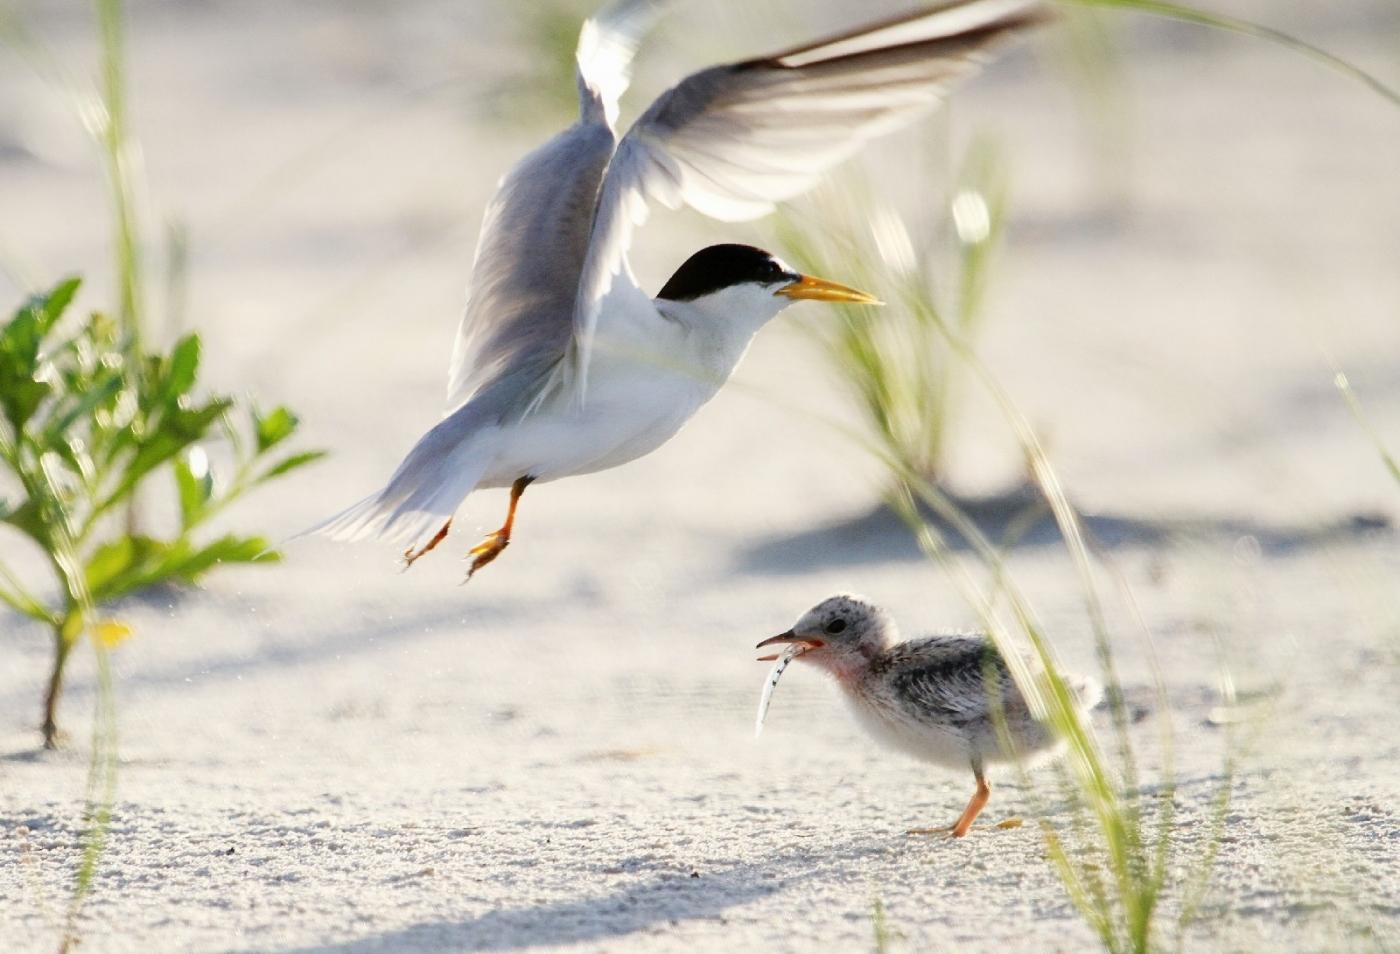 【田螺摄影】黄嘴燕鸥整个出生成长的过程_图1-10